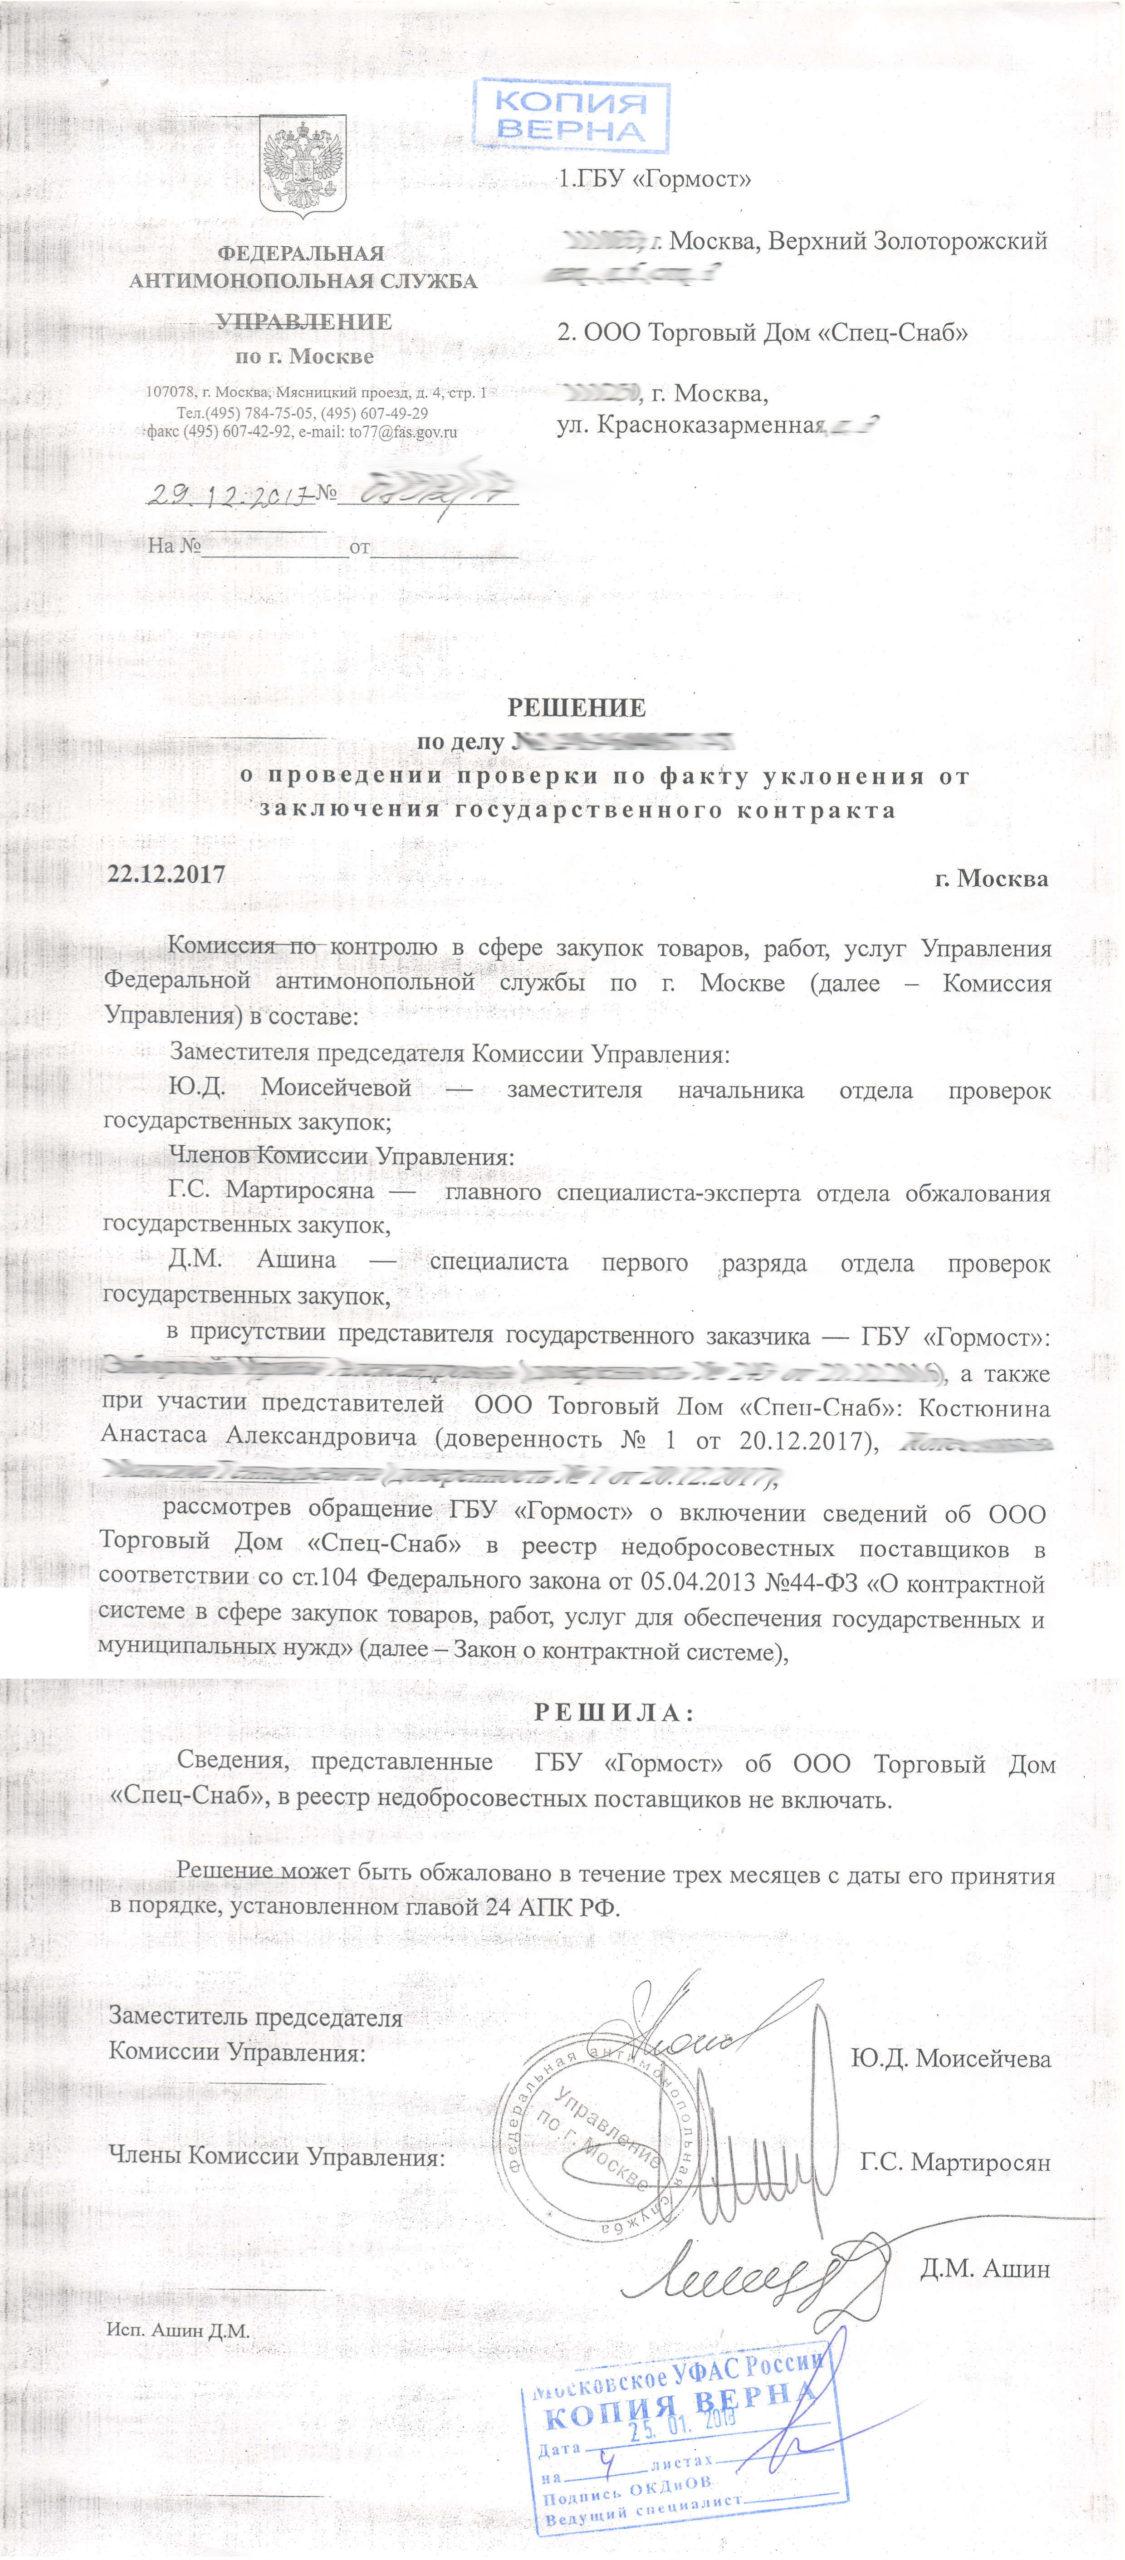 Московское УФАС ТД Спец-снаб решение